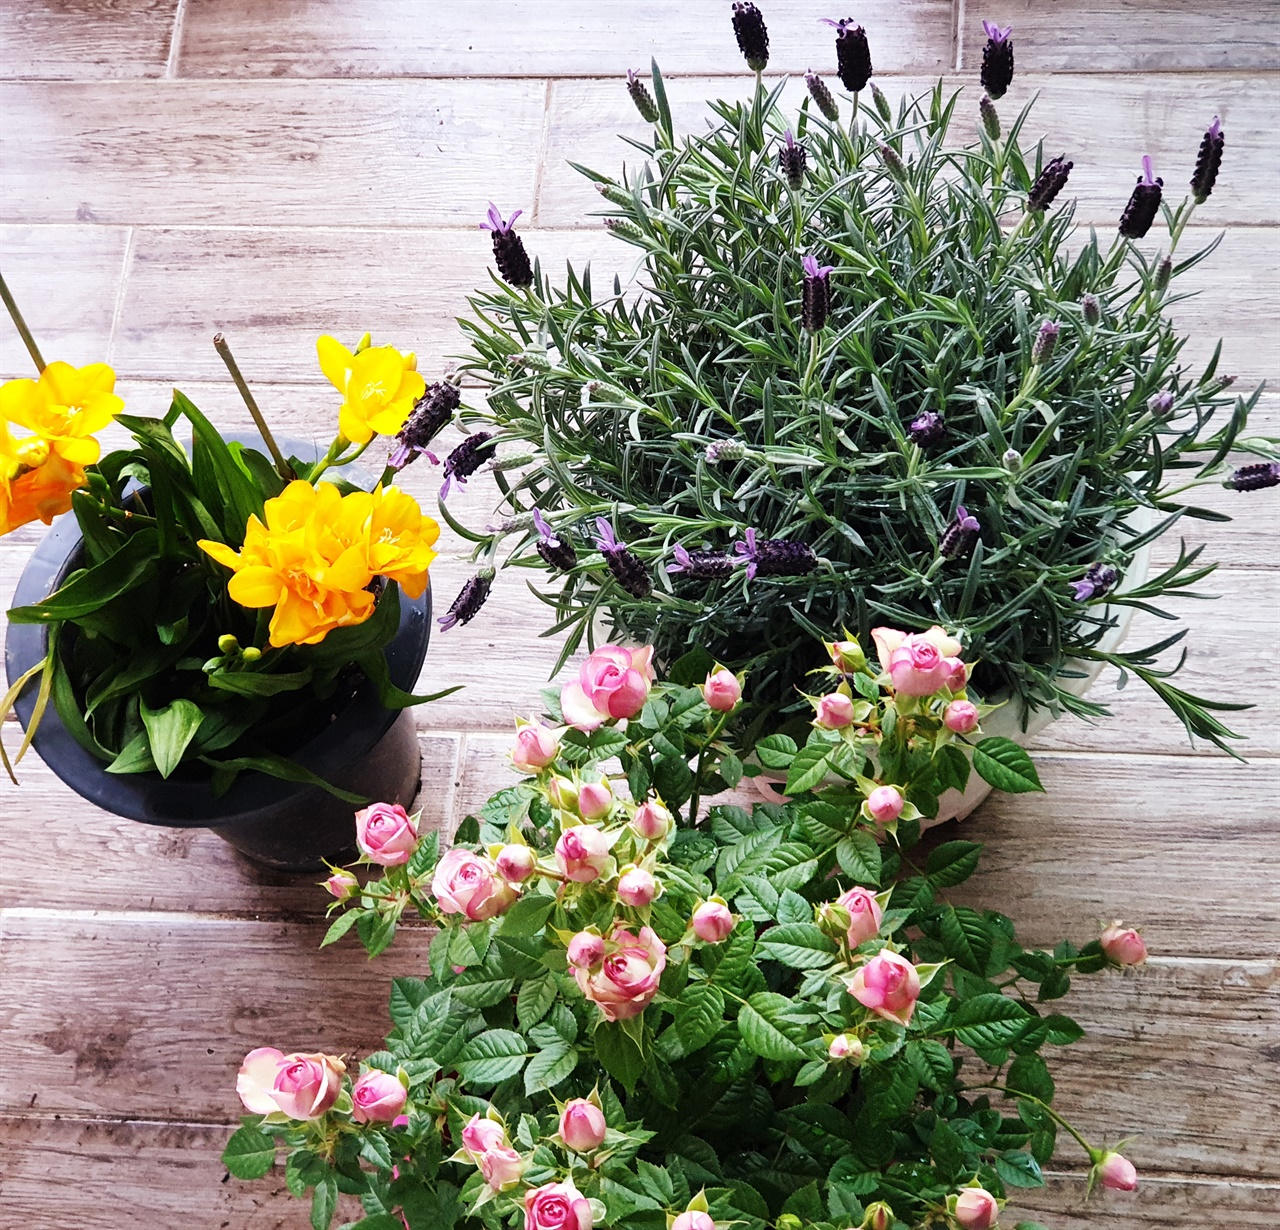 라벤더, 프리지어, 미니 장미 퇴근길 화원에서 들인 식물